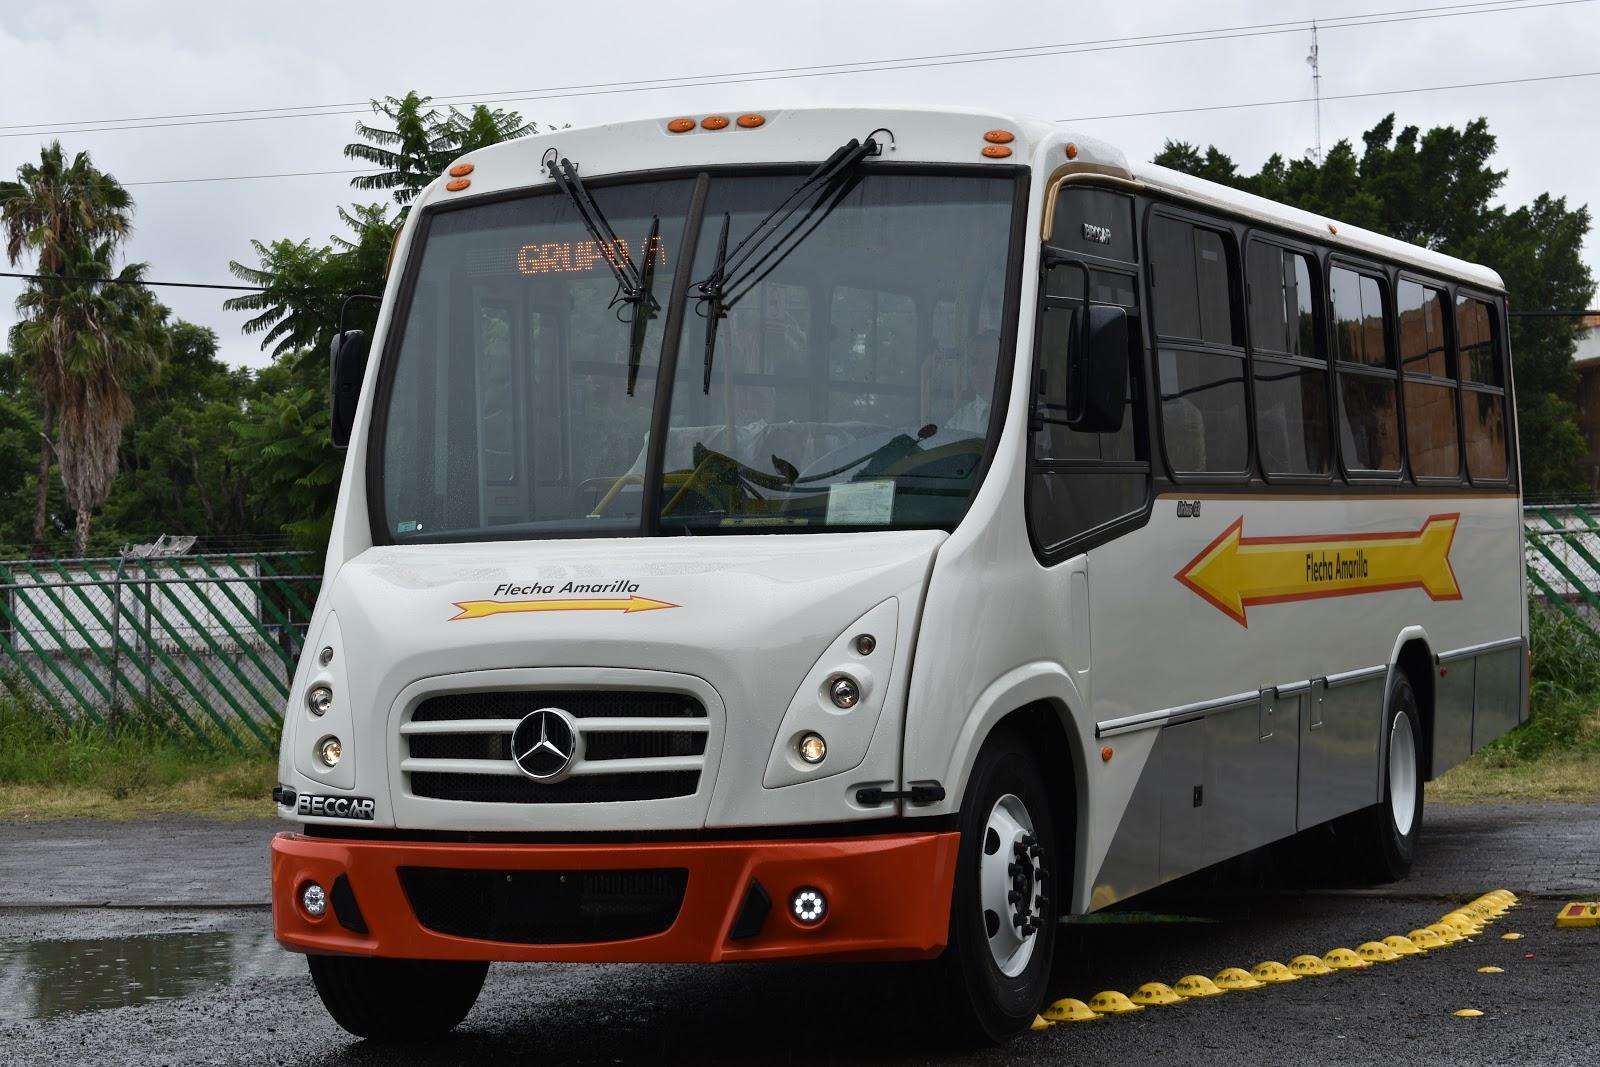 gu a del viajero en m xico mercedes benz autobuses entrega 354 unidades a flecha amarilla. Black Bedroom Furniture Sets. Home Design Ideas